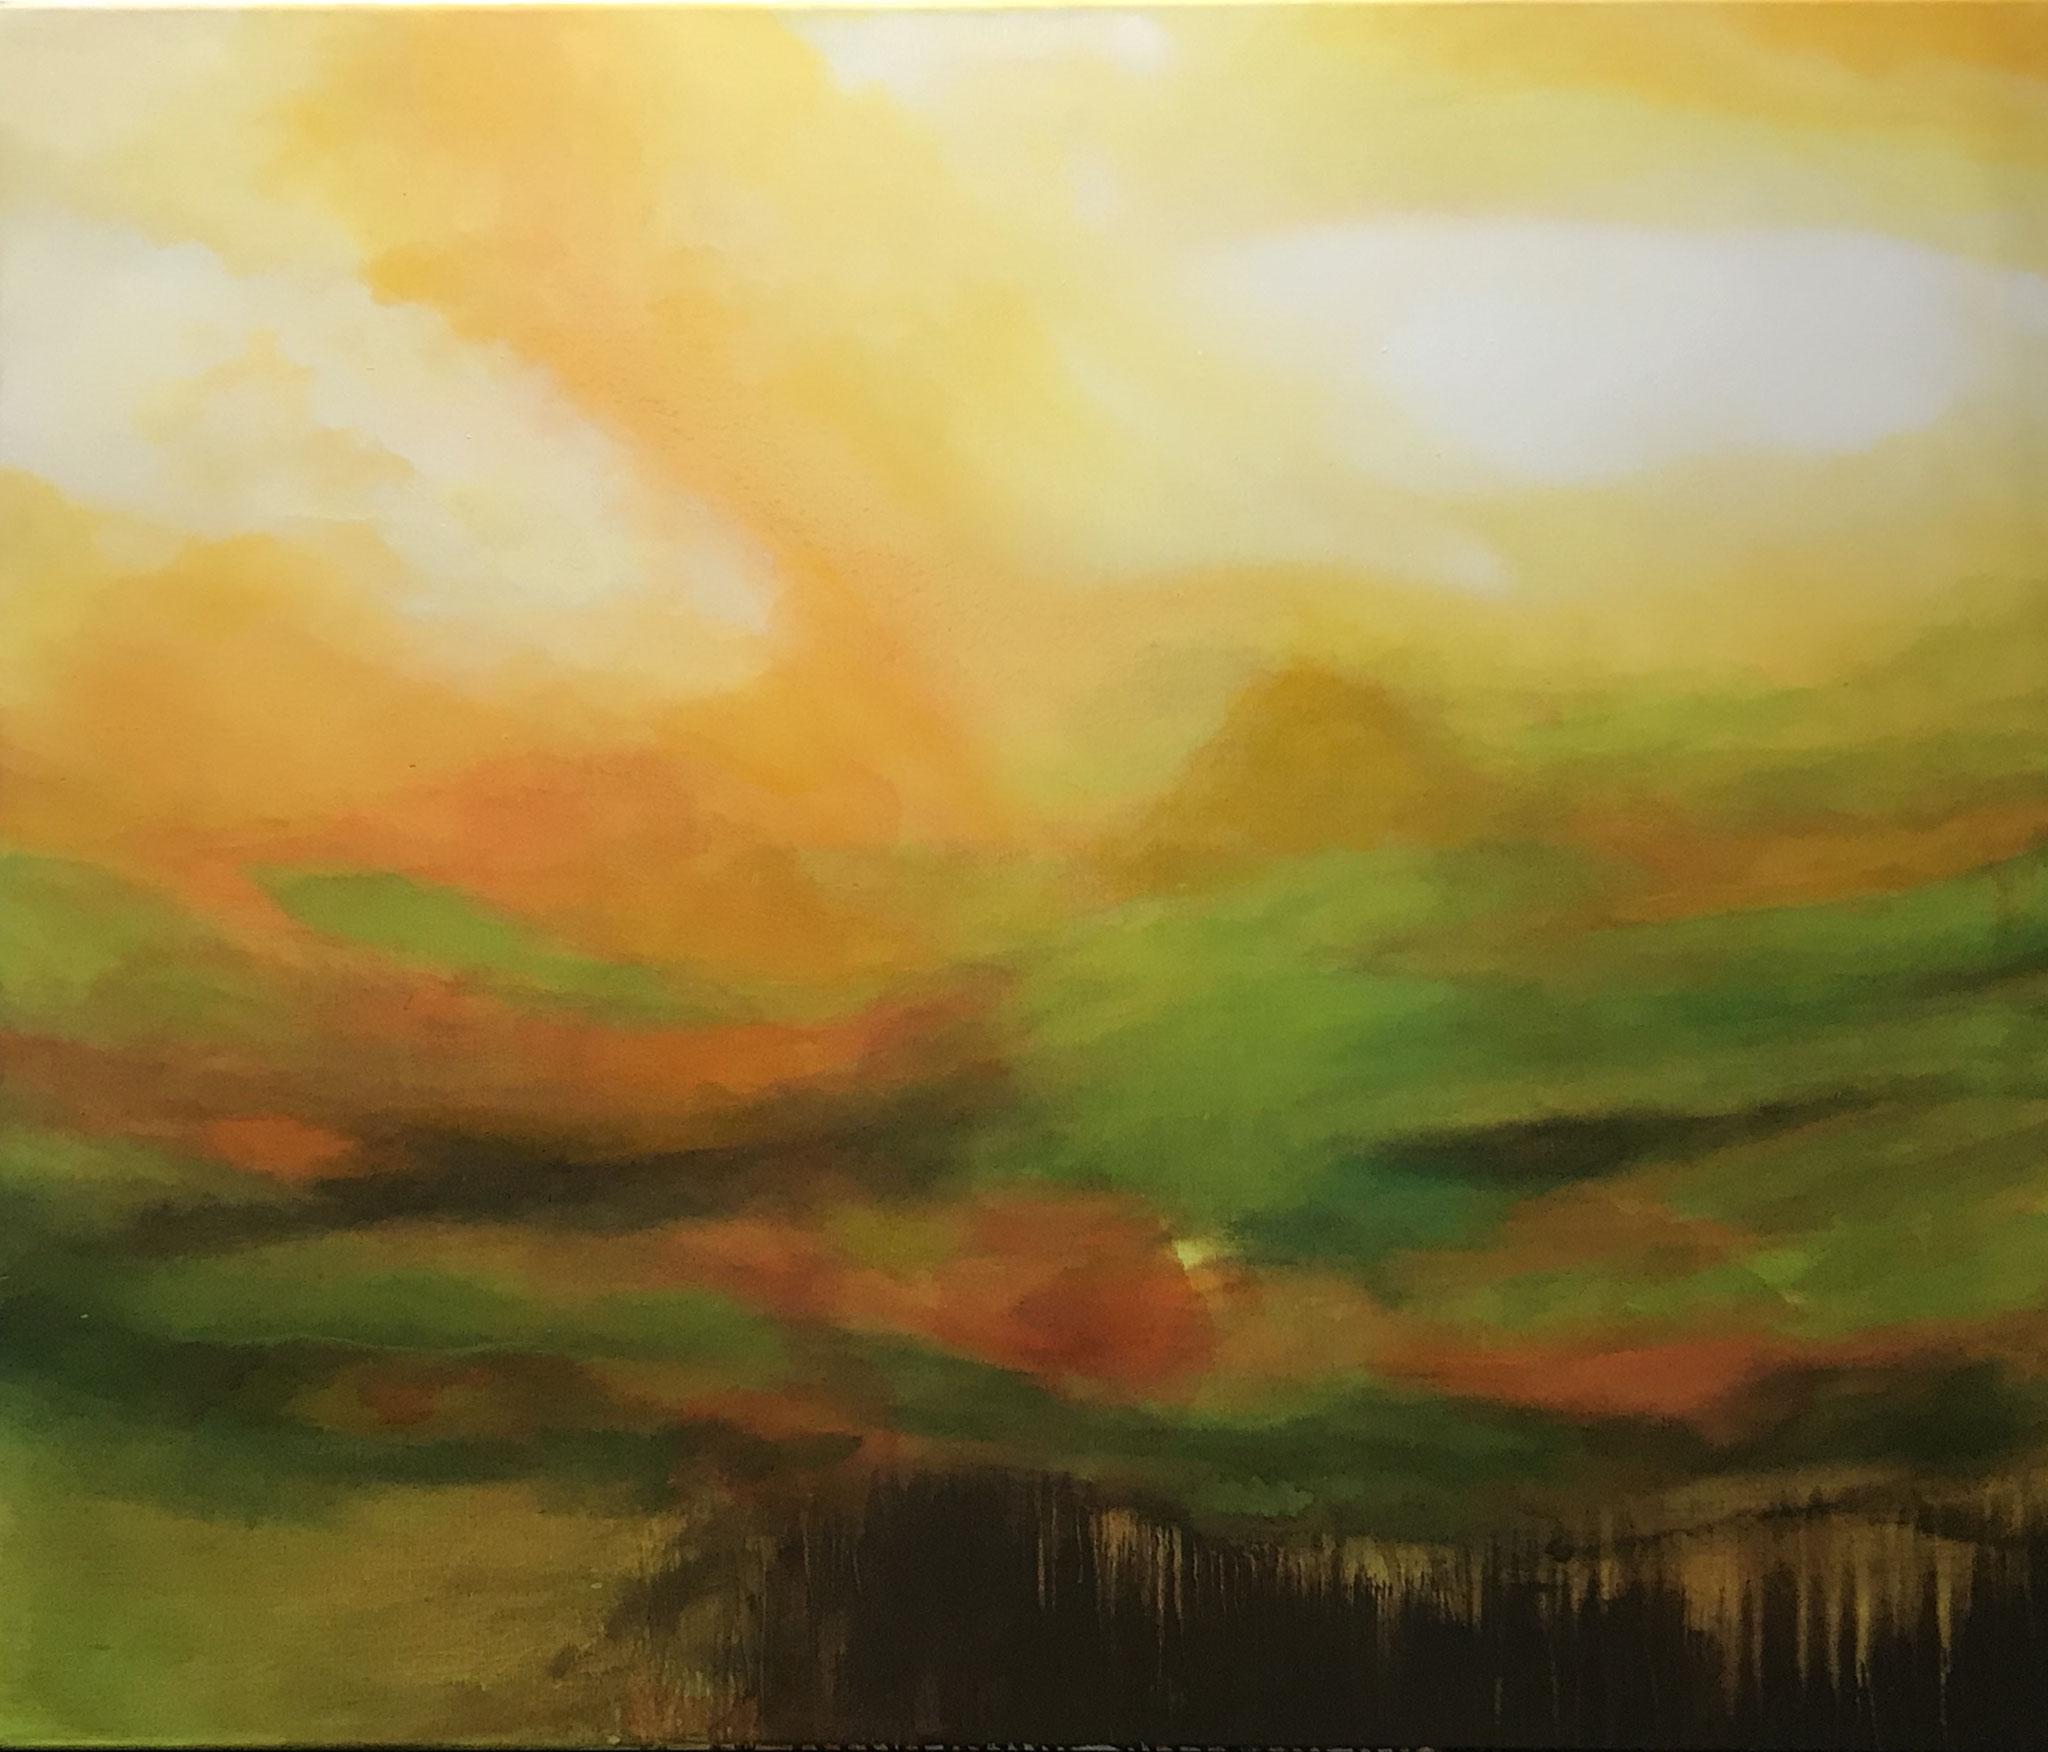 Il mio paesaggio II 100 x 120 x 2 cm